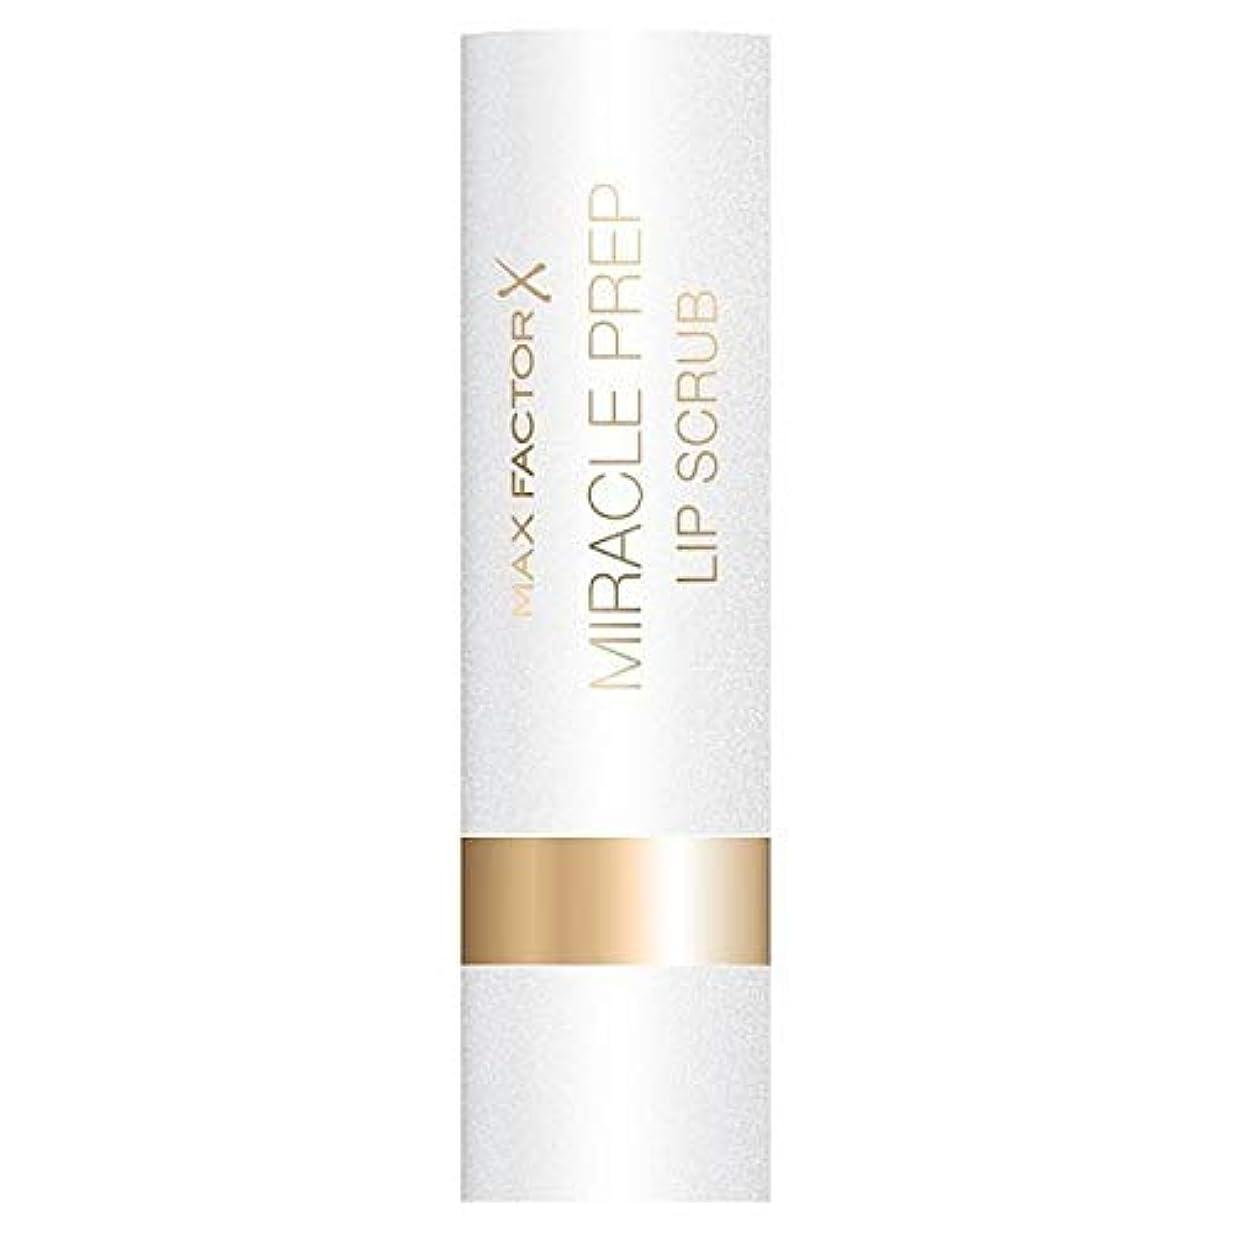 アクチュエータしなやかな乳製品[Max Factor] マックスファクター奇跡の準備リップスクラブ - Max Factor Miracle Prep Lip Scrub [並行輸入品]